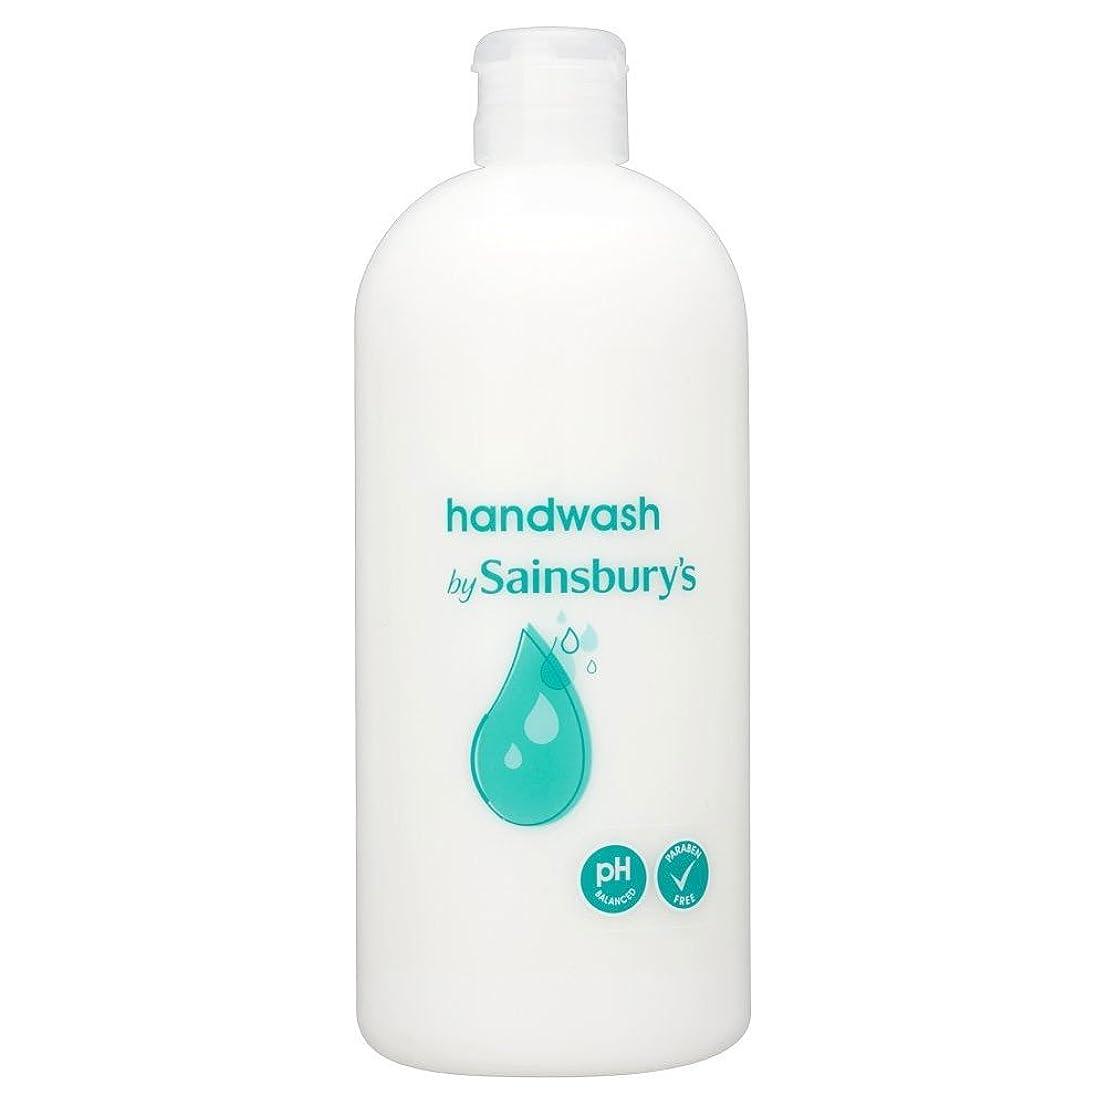 じゃない下品異形Sainsbury's Handwash, White Refill 500ml - (Sainsbury's) 手洗い、白リフィル500ミリリットル [並行輸入品]